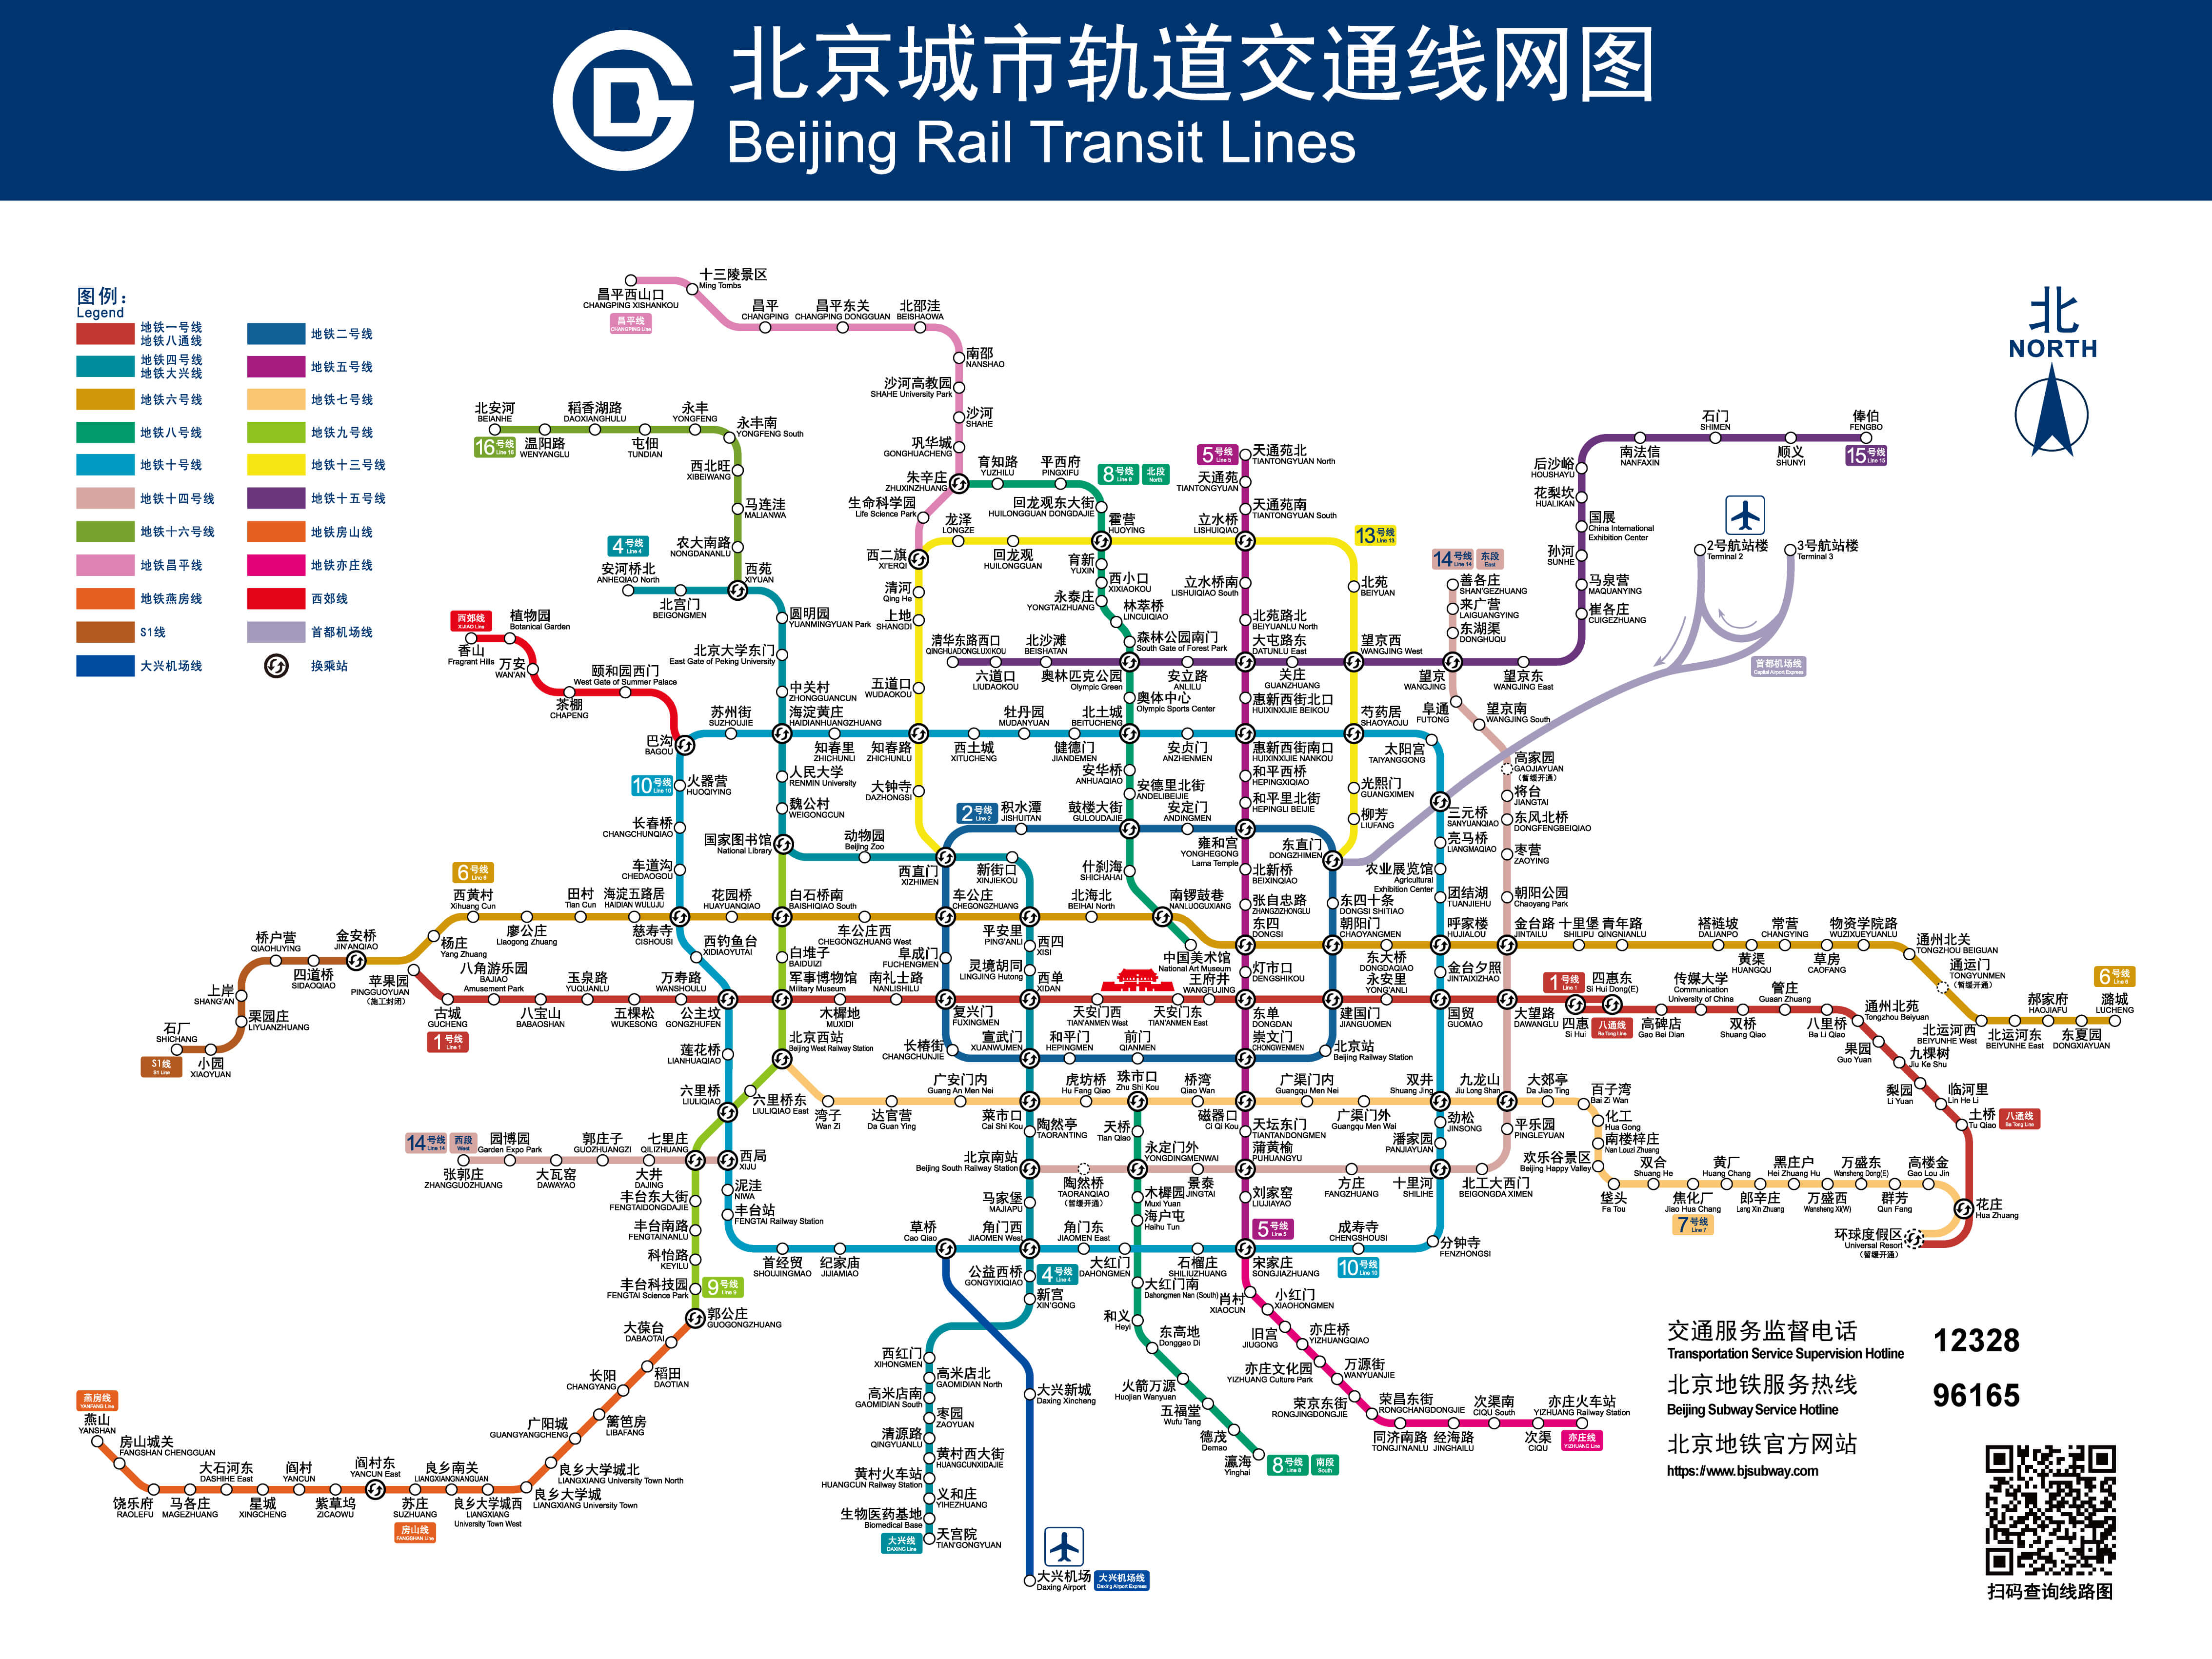 Jpg格式线路图下载 Ō�京地铁官方网站